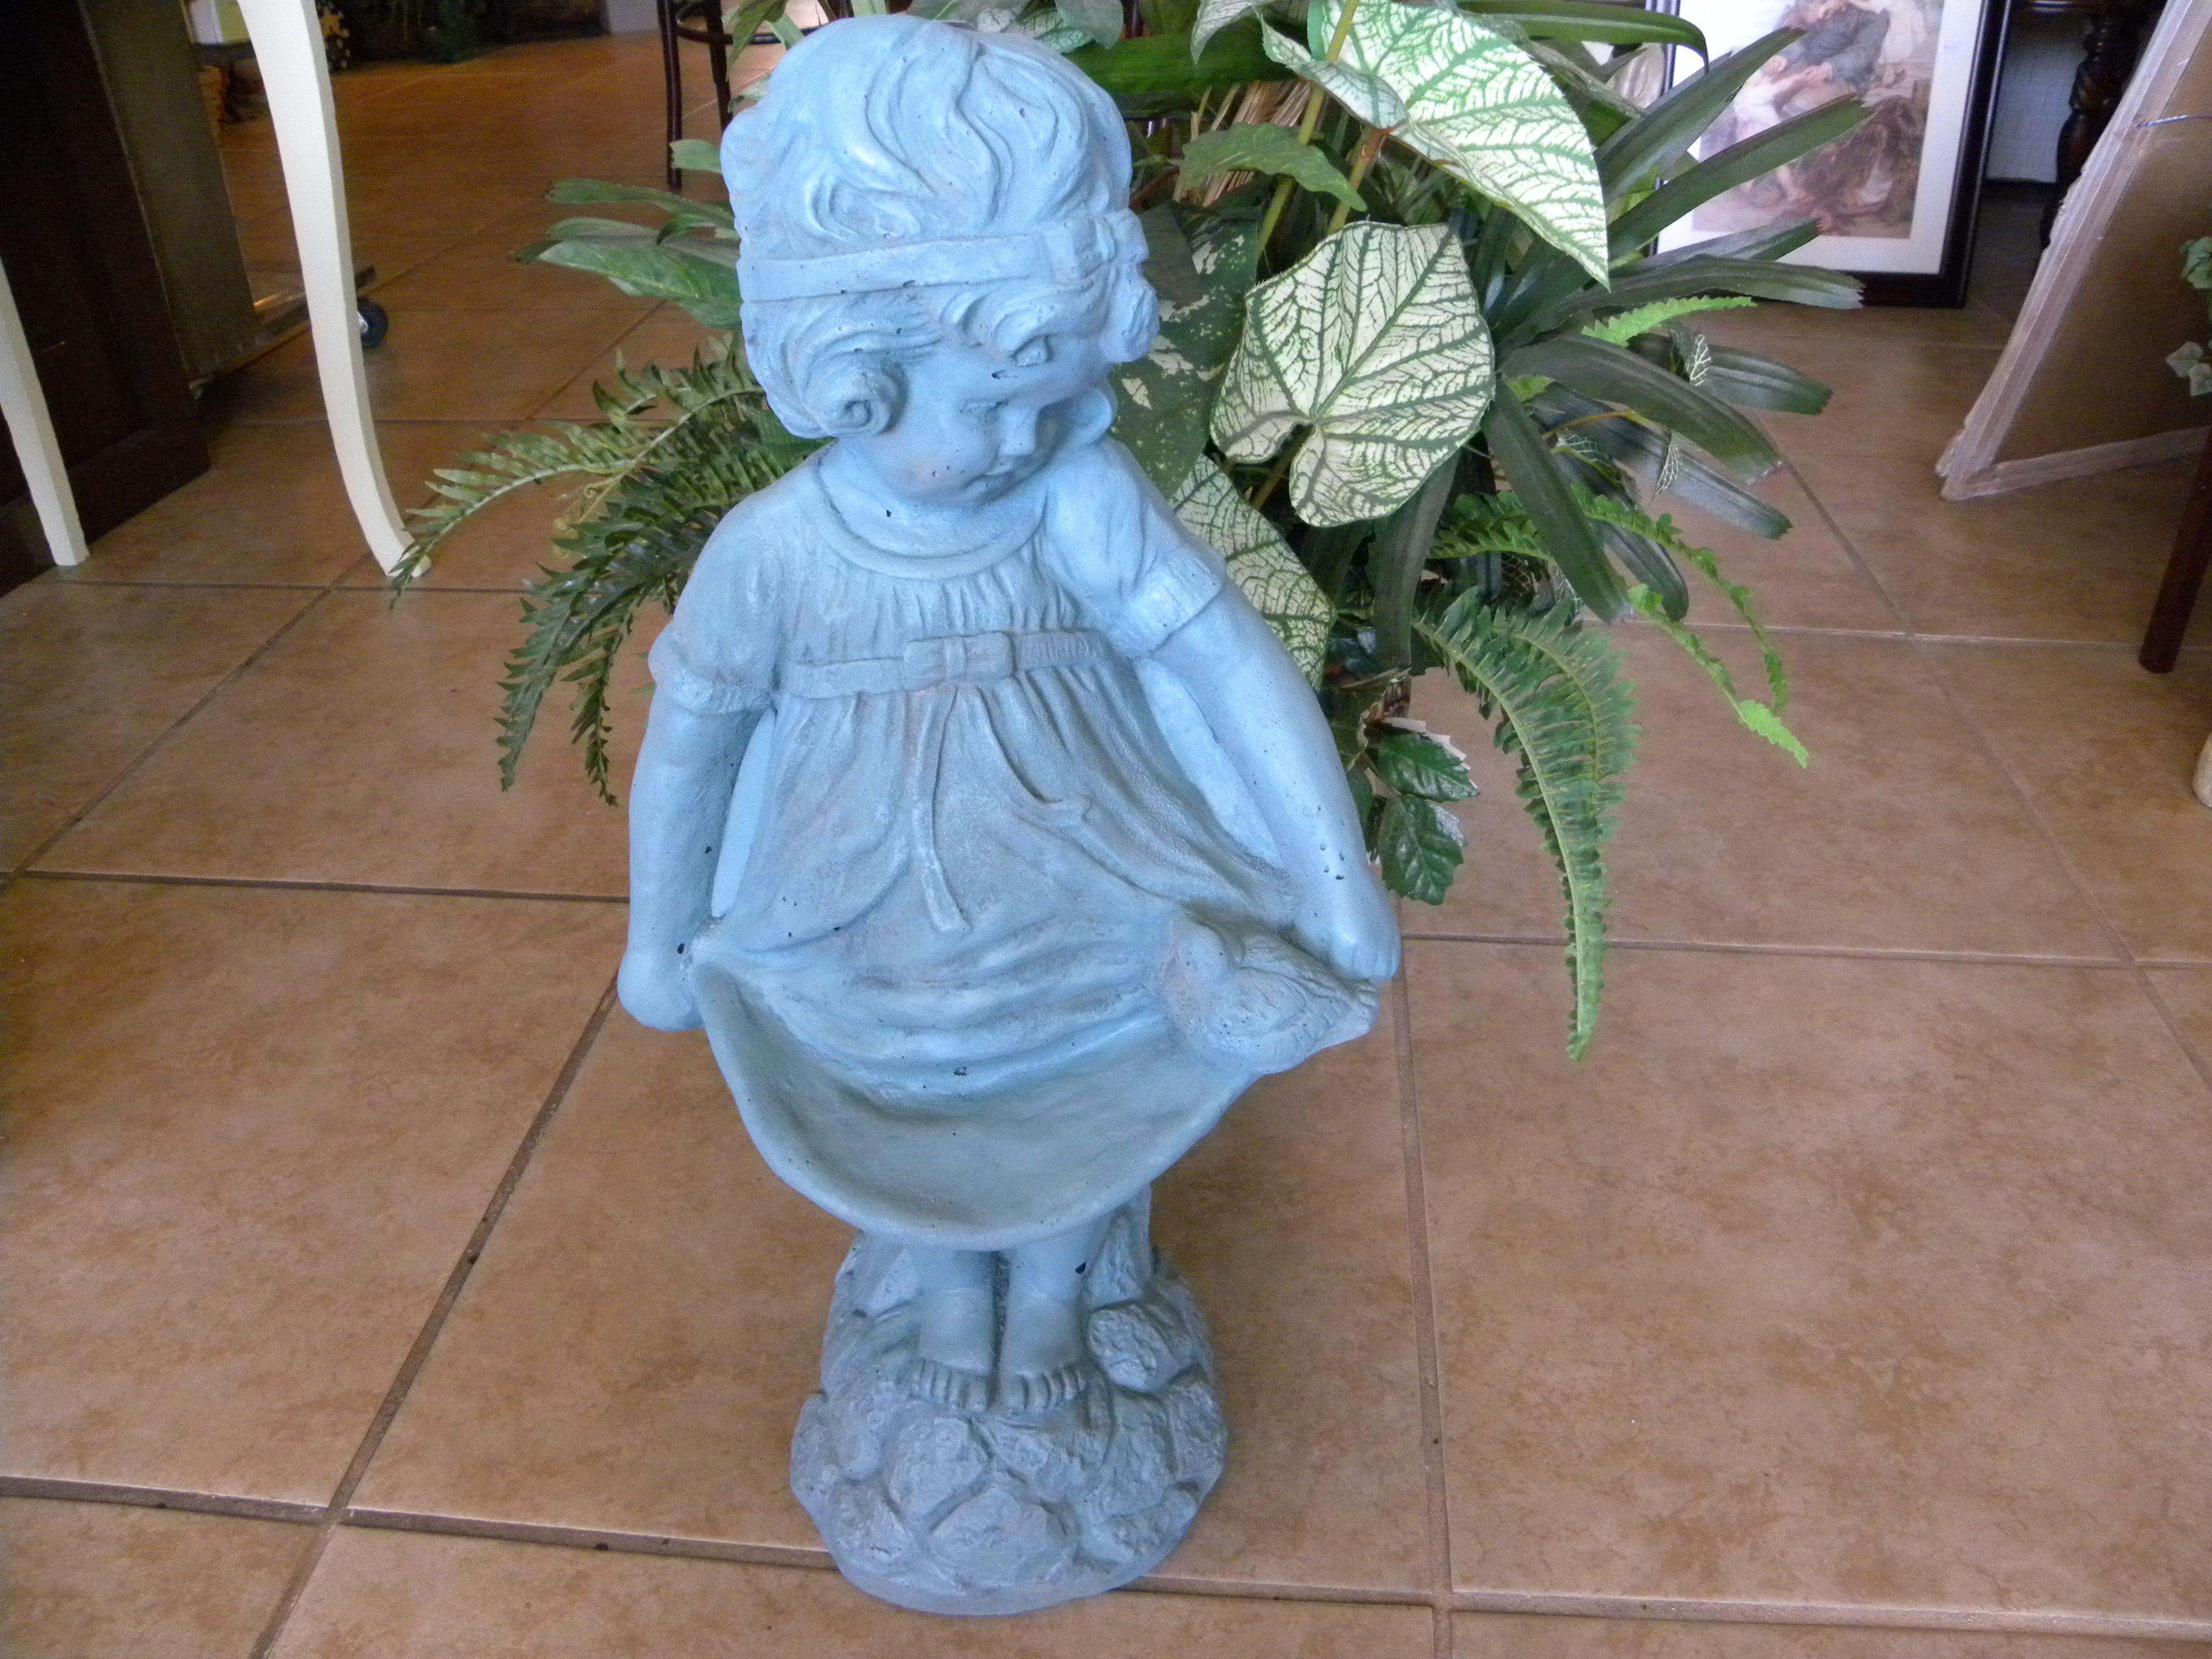 Garden decor statues  cute garden girl statue in green girl statue green garden decor